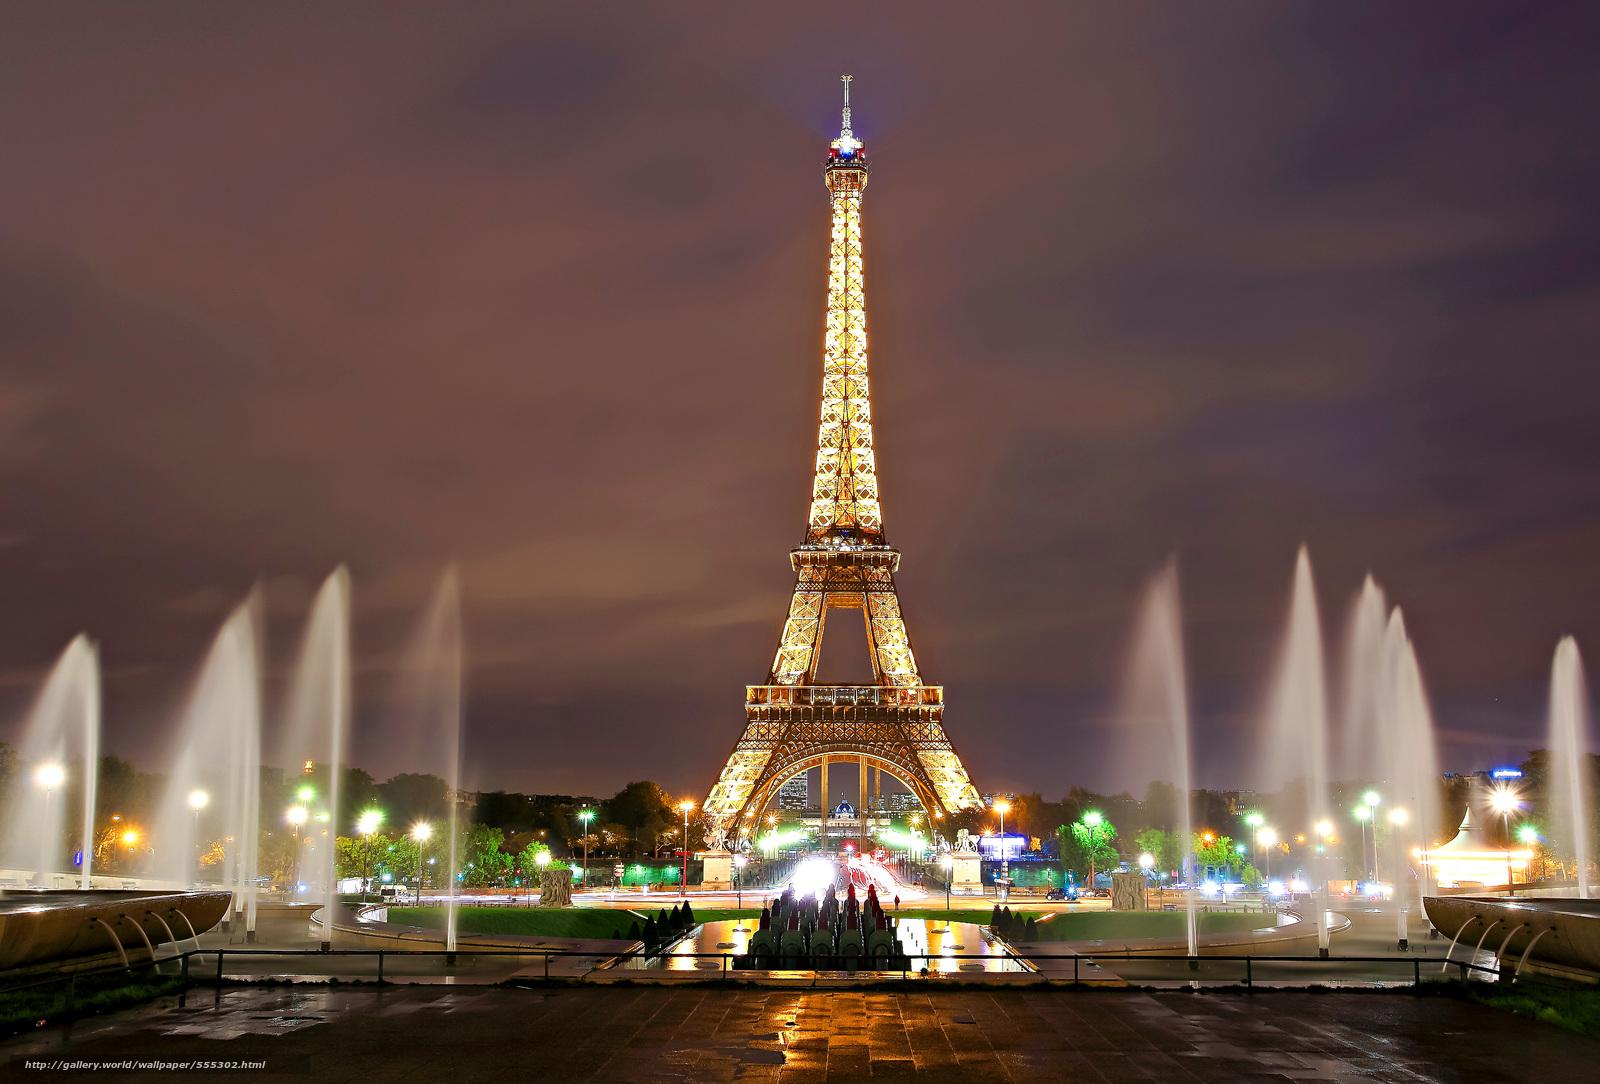 下载壁纸 艾菲尔铁塔 巴黎 艾菲尔铁塔 免费为您的桌面分辨率的壁纸 5052x3423 图片 №555302